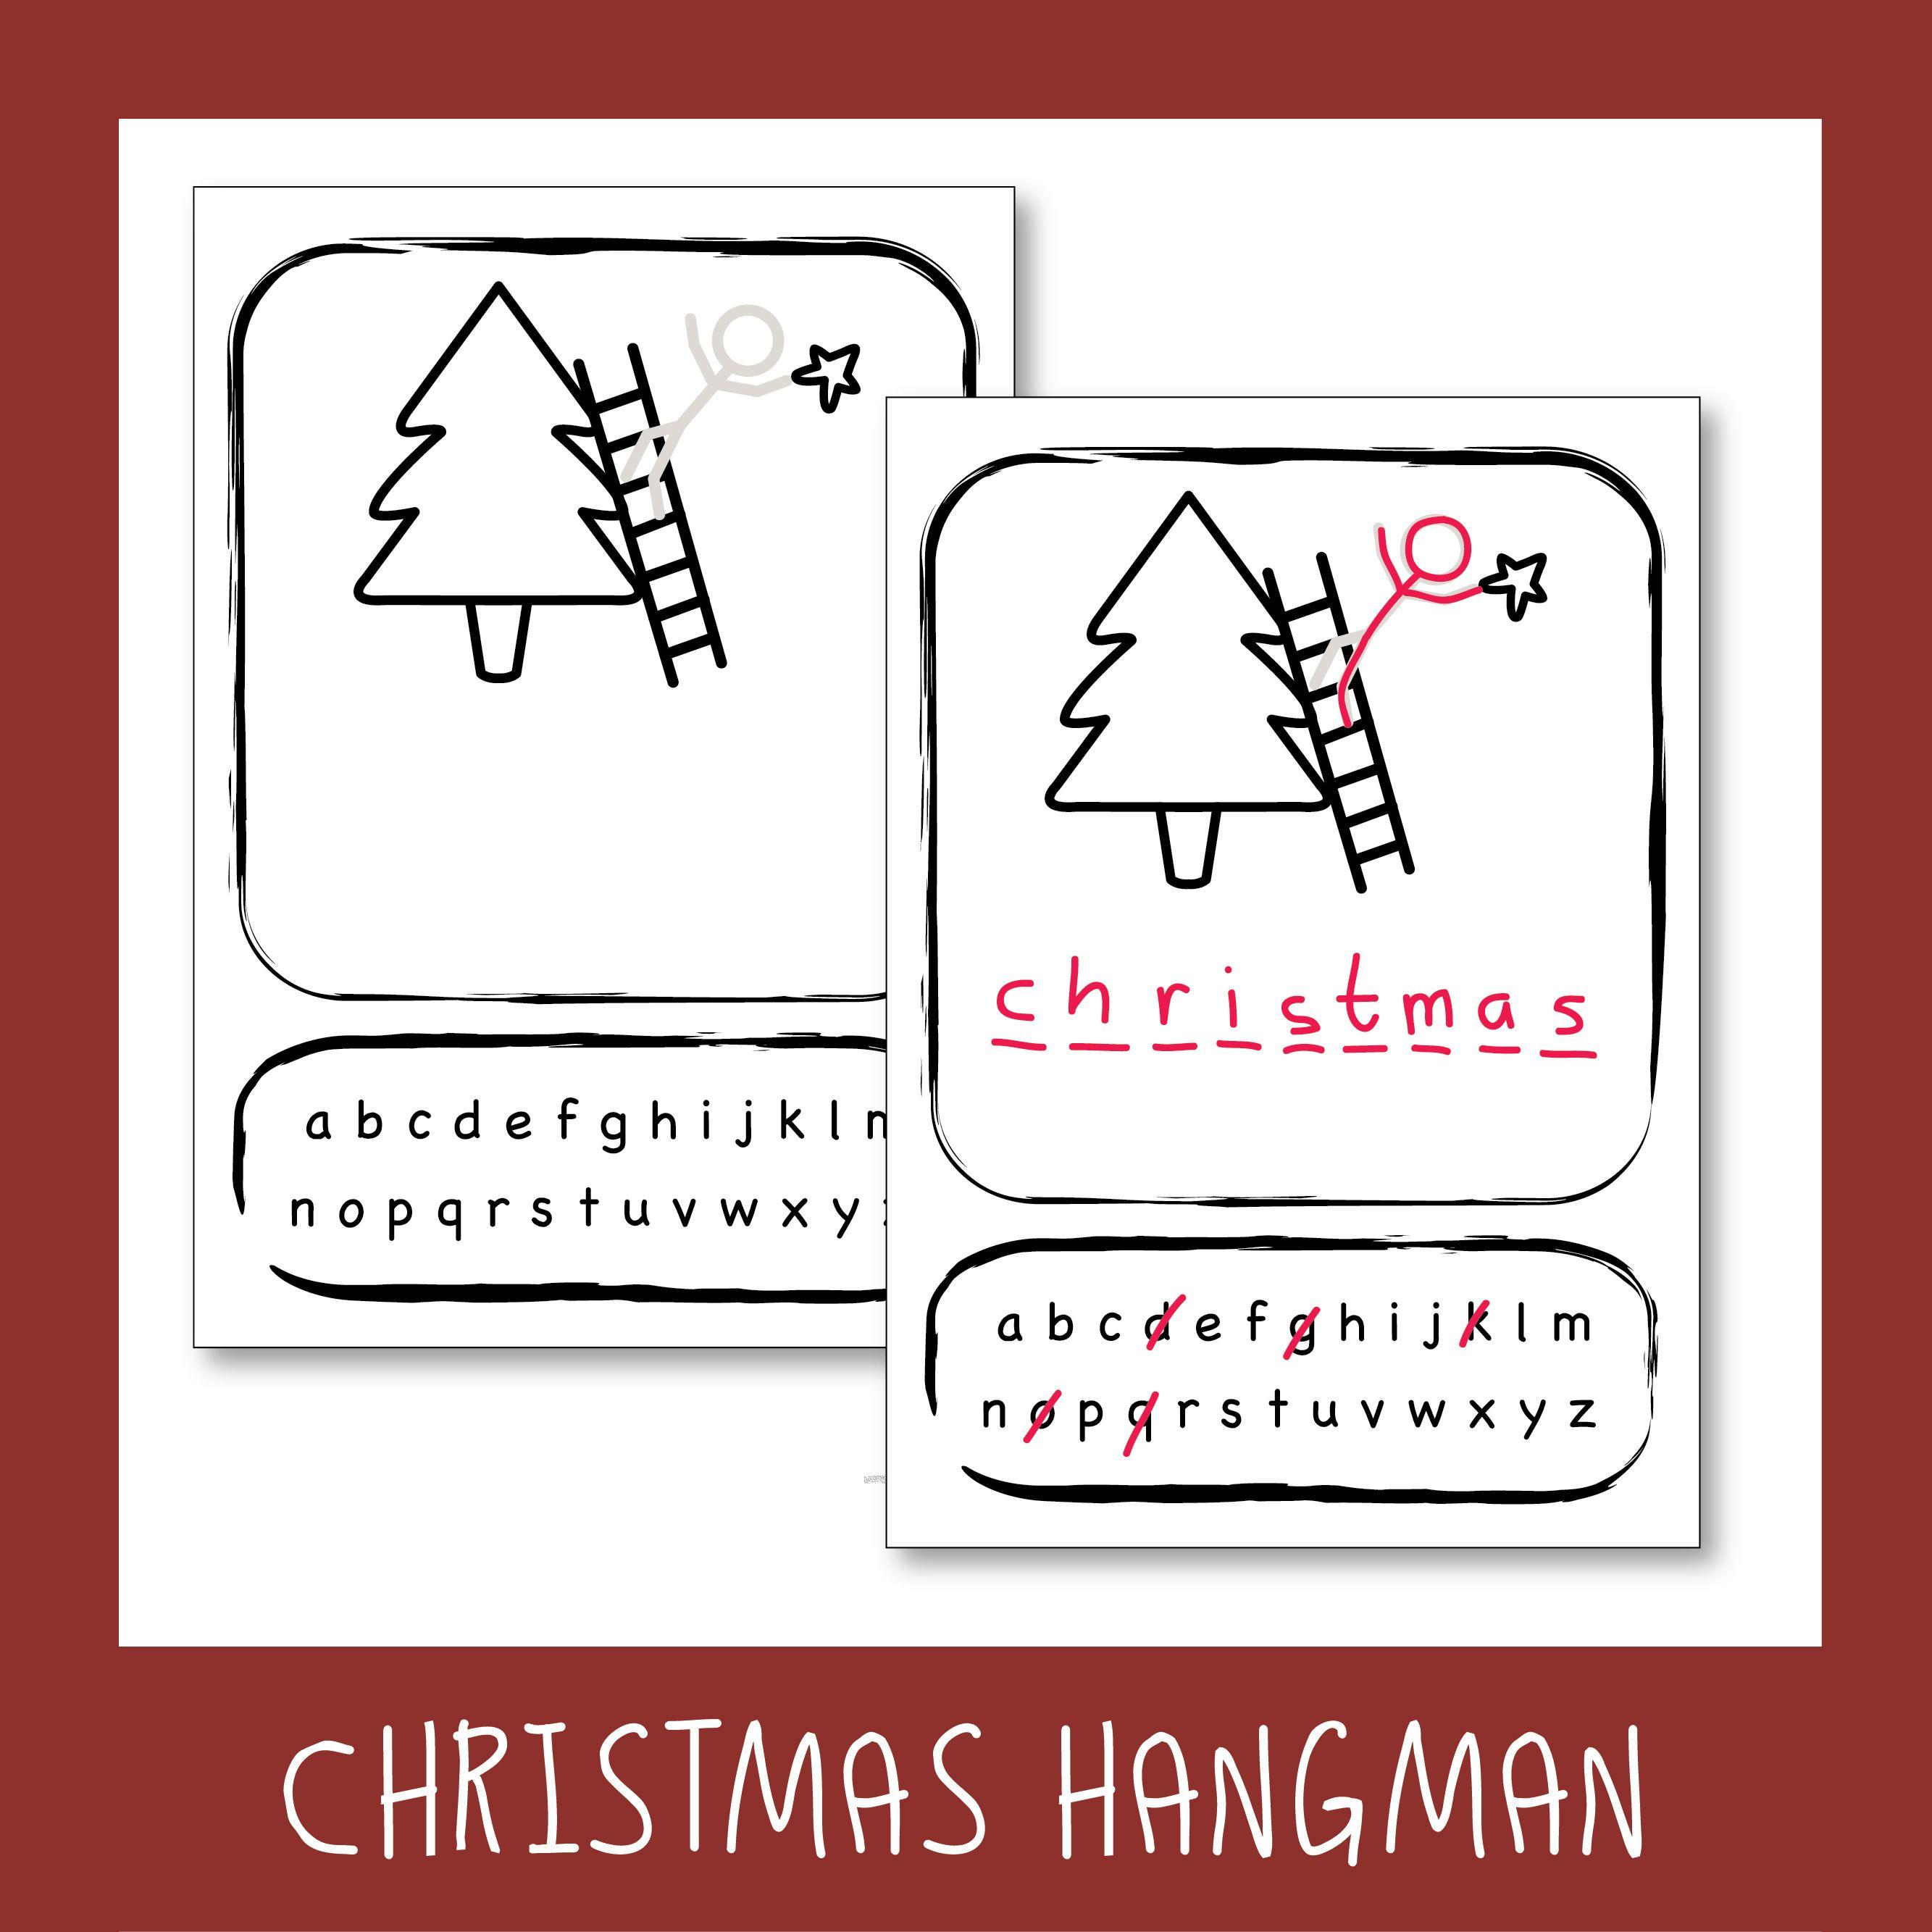 Free Christmas Hangman Template Hangman words, Templates